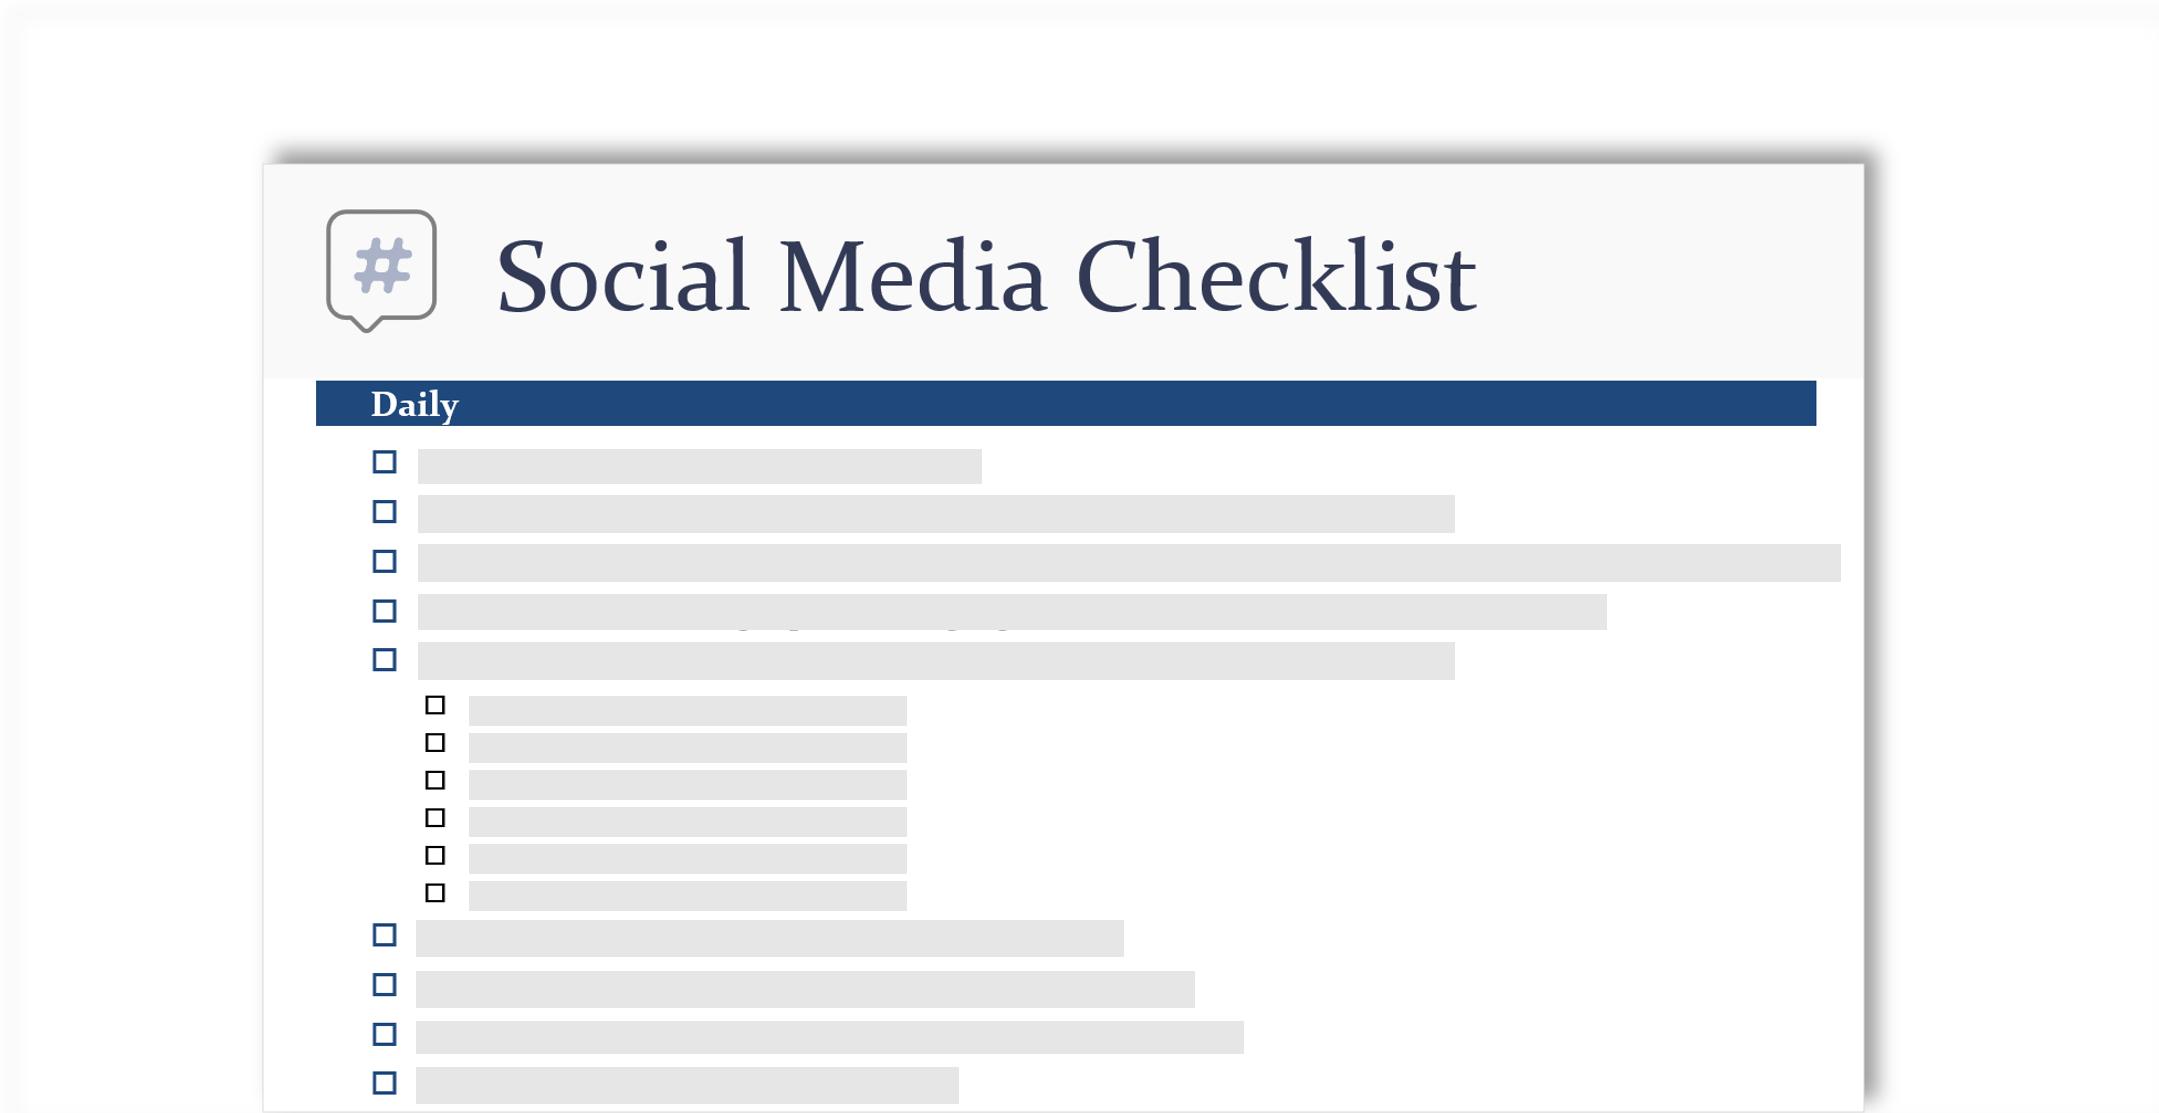 Imagem conceptual de uma lista de verificação de redes sociais